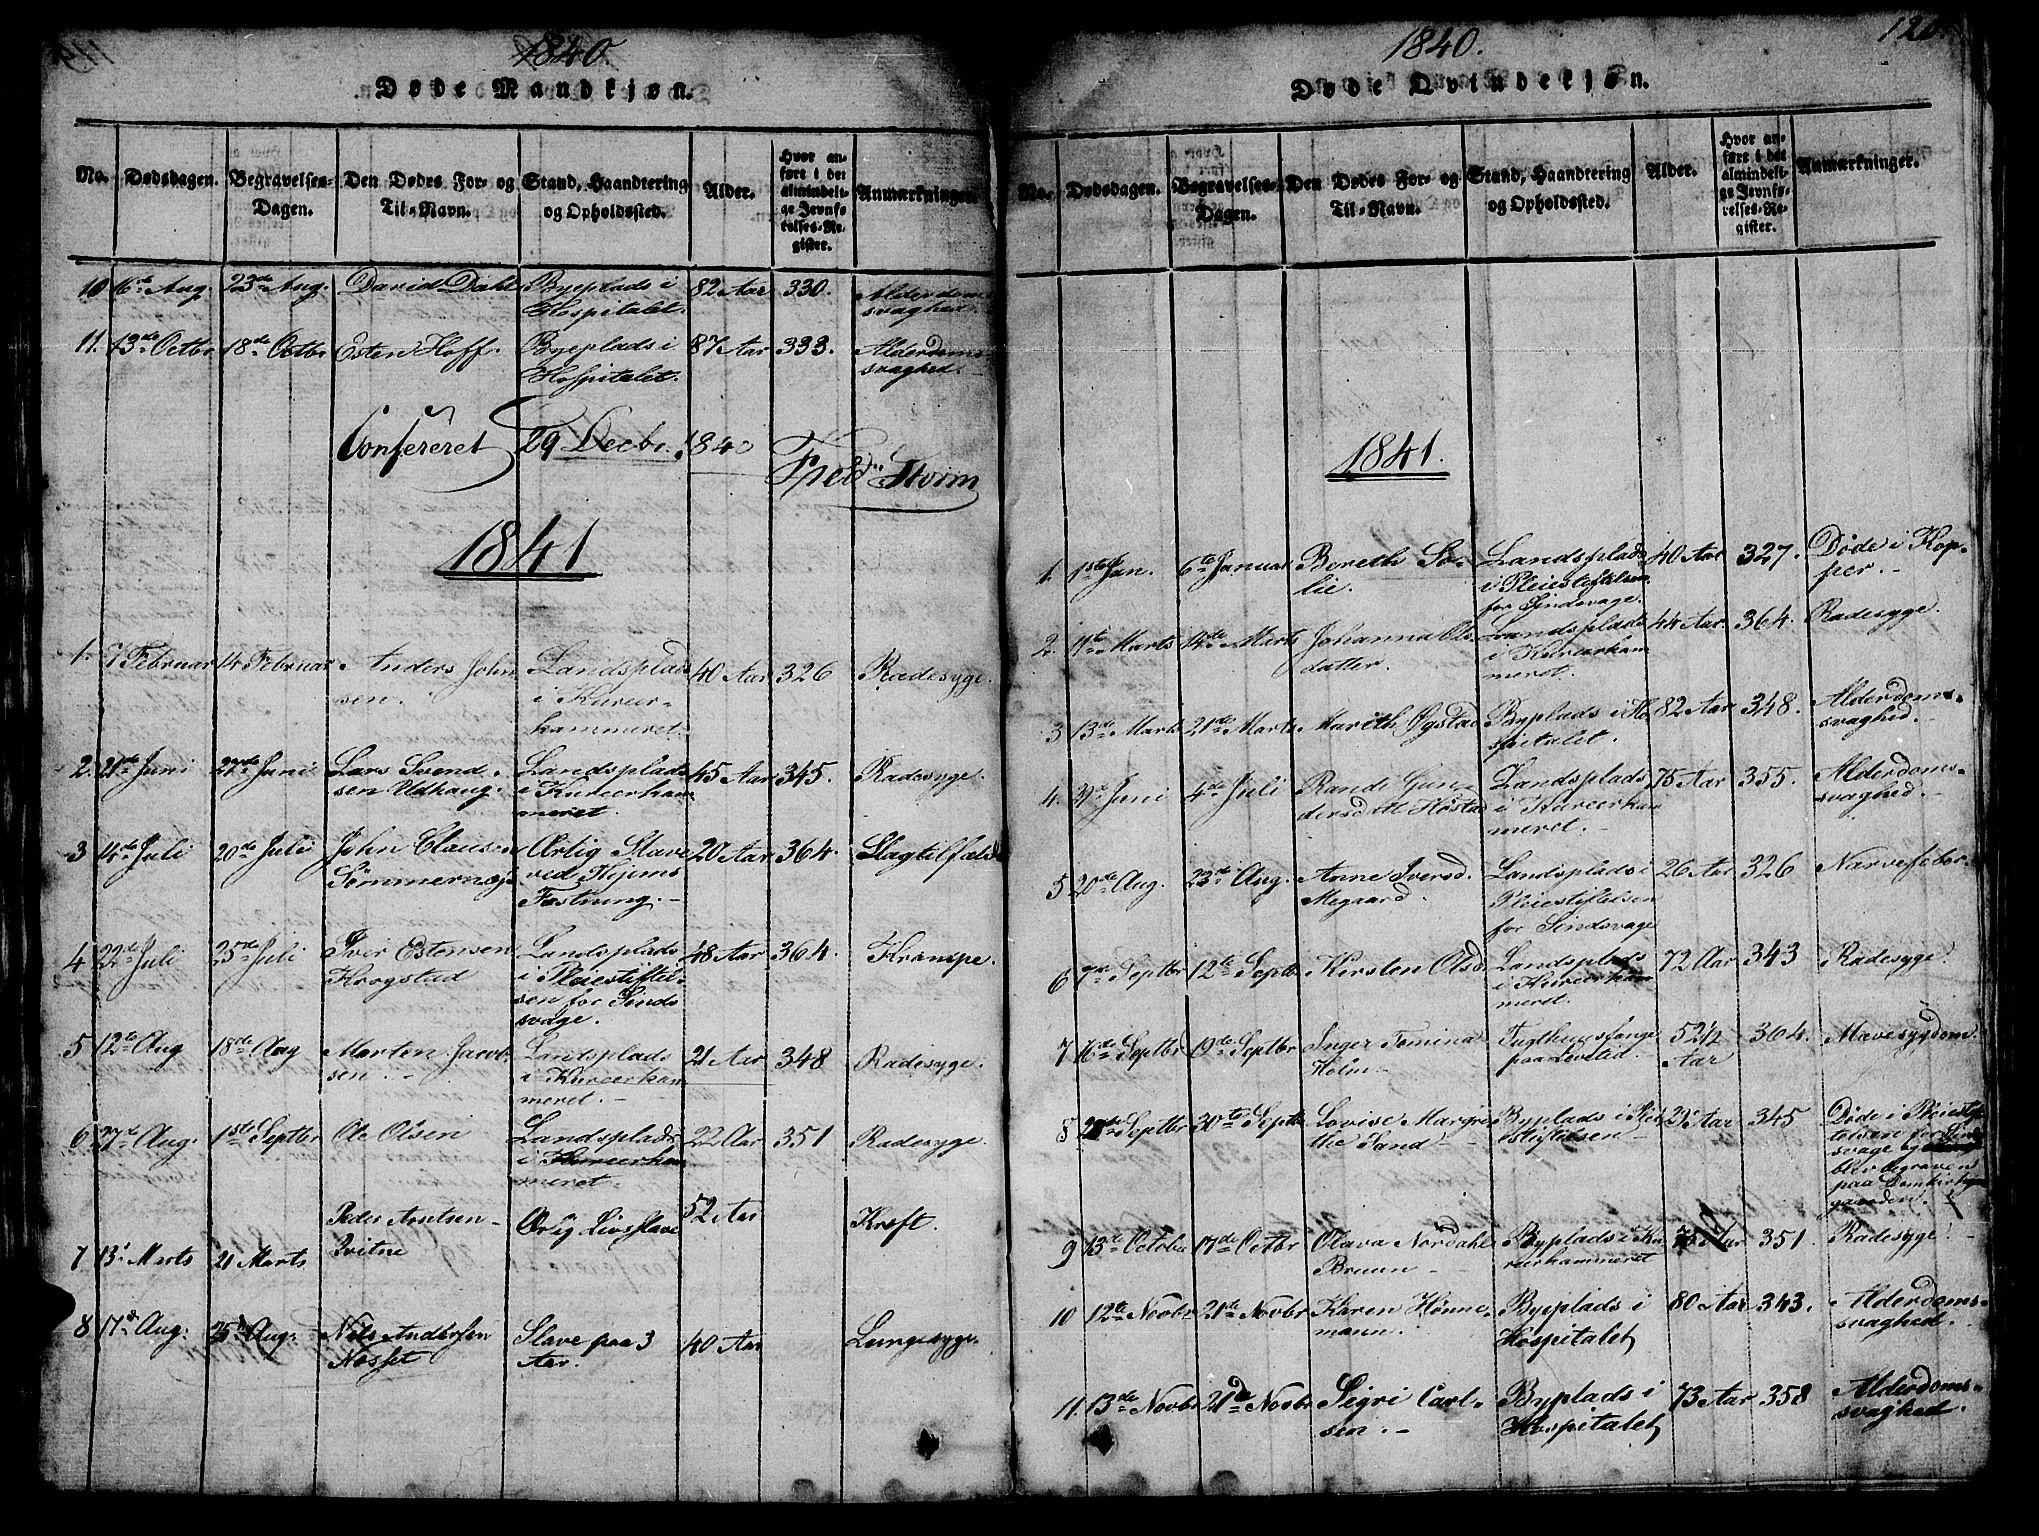 SAT, Ministerialprotokoller, klokkerbøker og fødselsregistre - Sør-Trøndelag, 623/L0478: Klokkerbok nr. 623C01, 1815-1873, s. 120